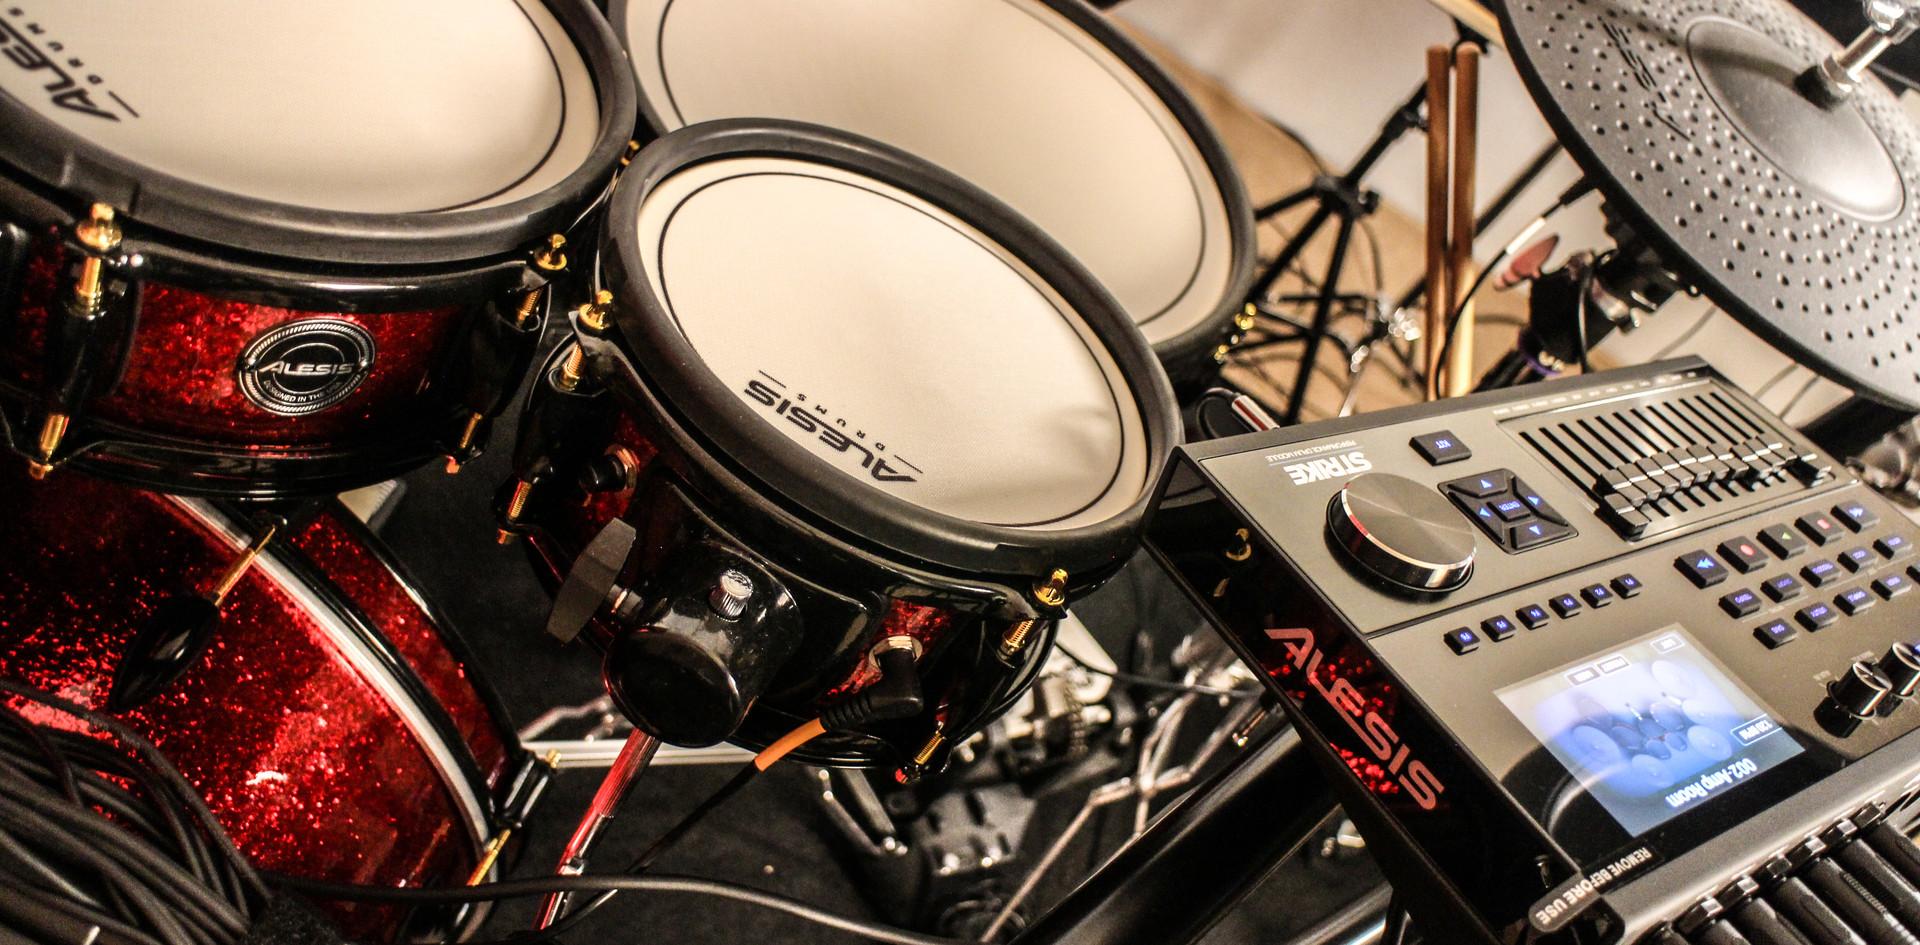 Drums-3.jpg